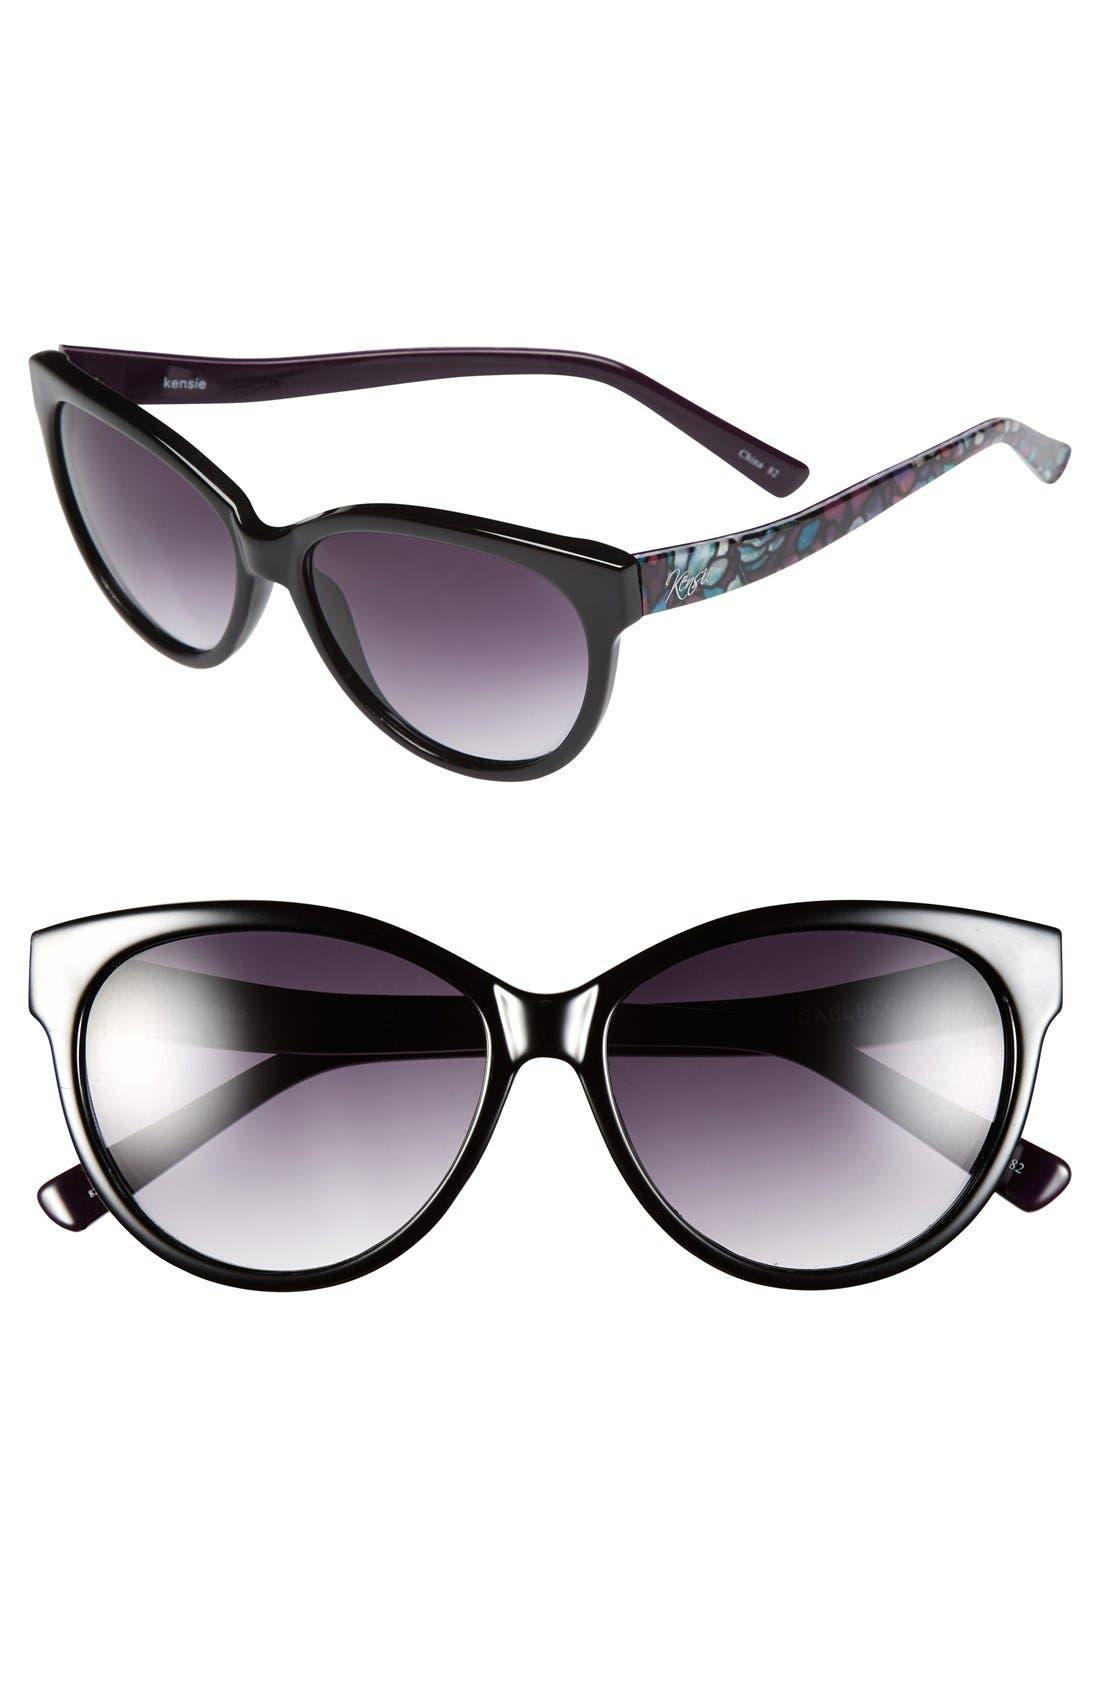 Main Image - kensie 'Caelyn' 57mm Cat Eye Sunglasses